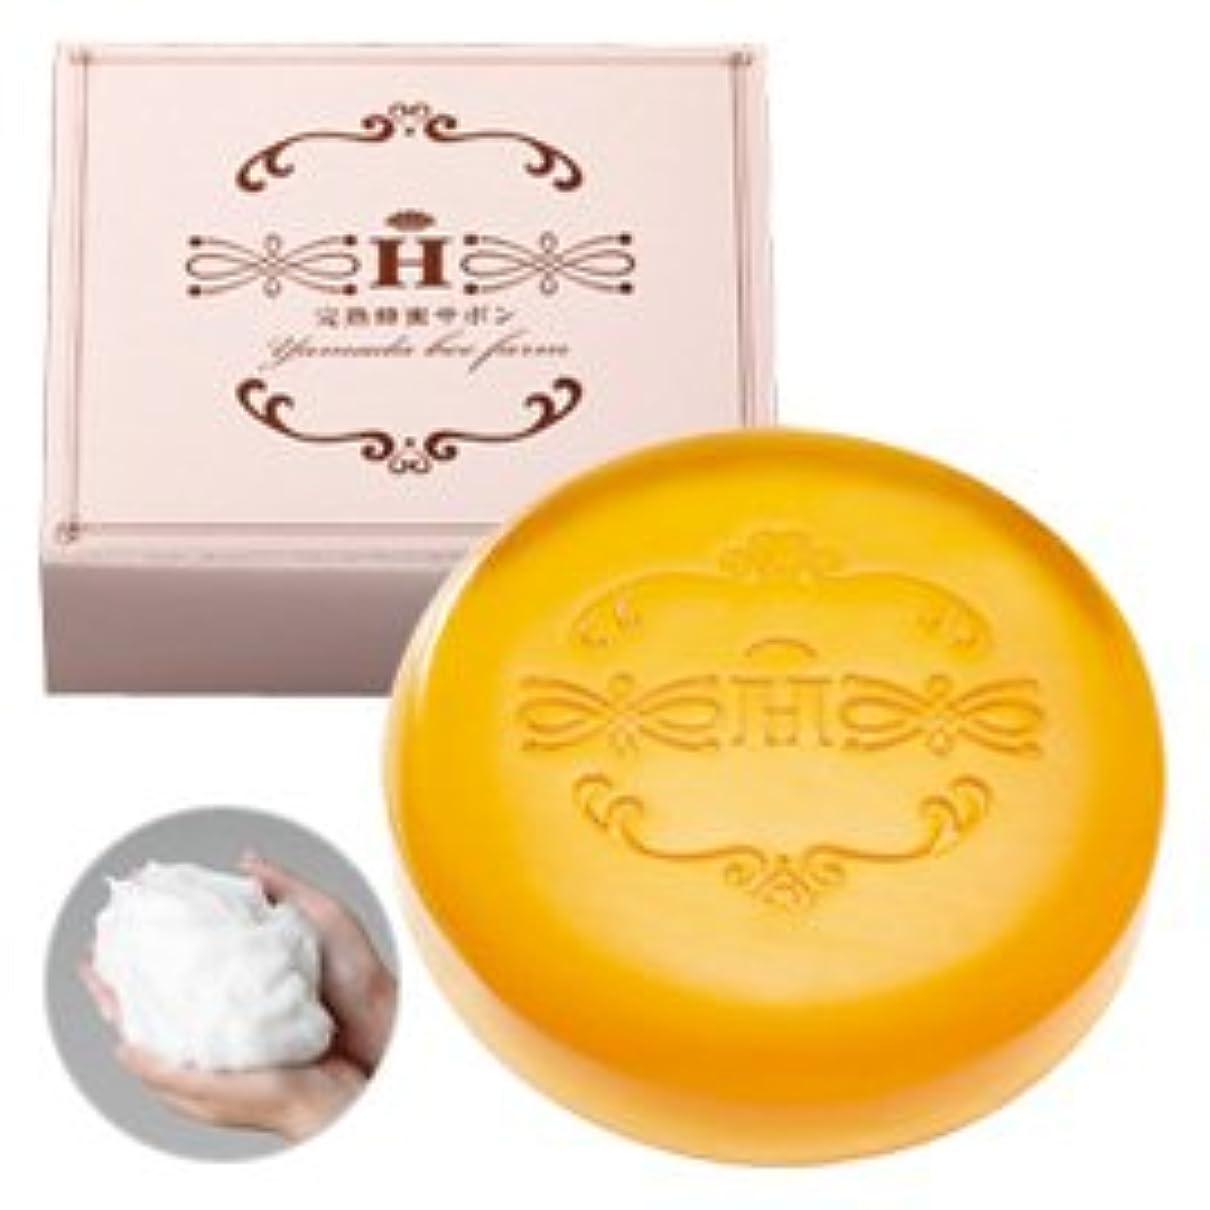 ハニーラボ 完熟蜂蜜サボン〈枠練〉 60g (箱入り)/Honey Lab Ripen Honey Soap <60g> In a box